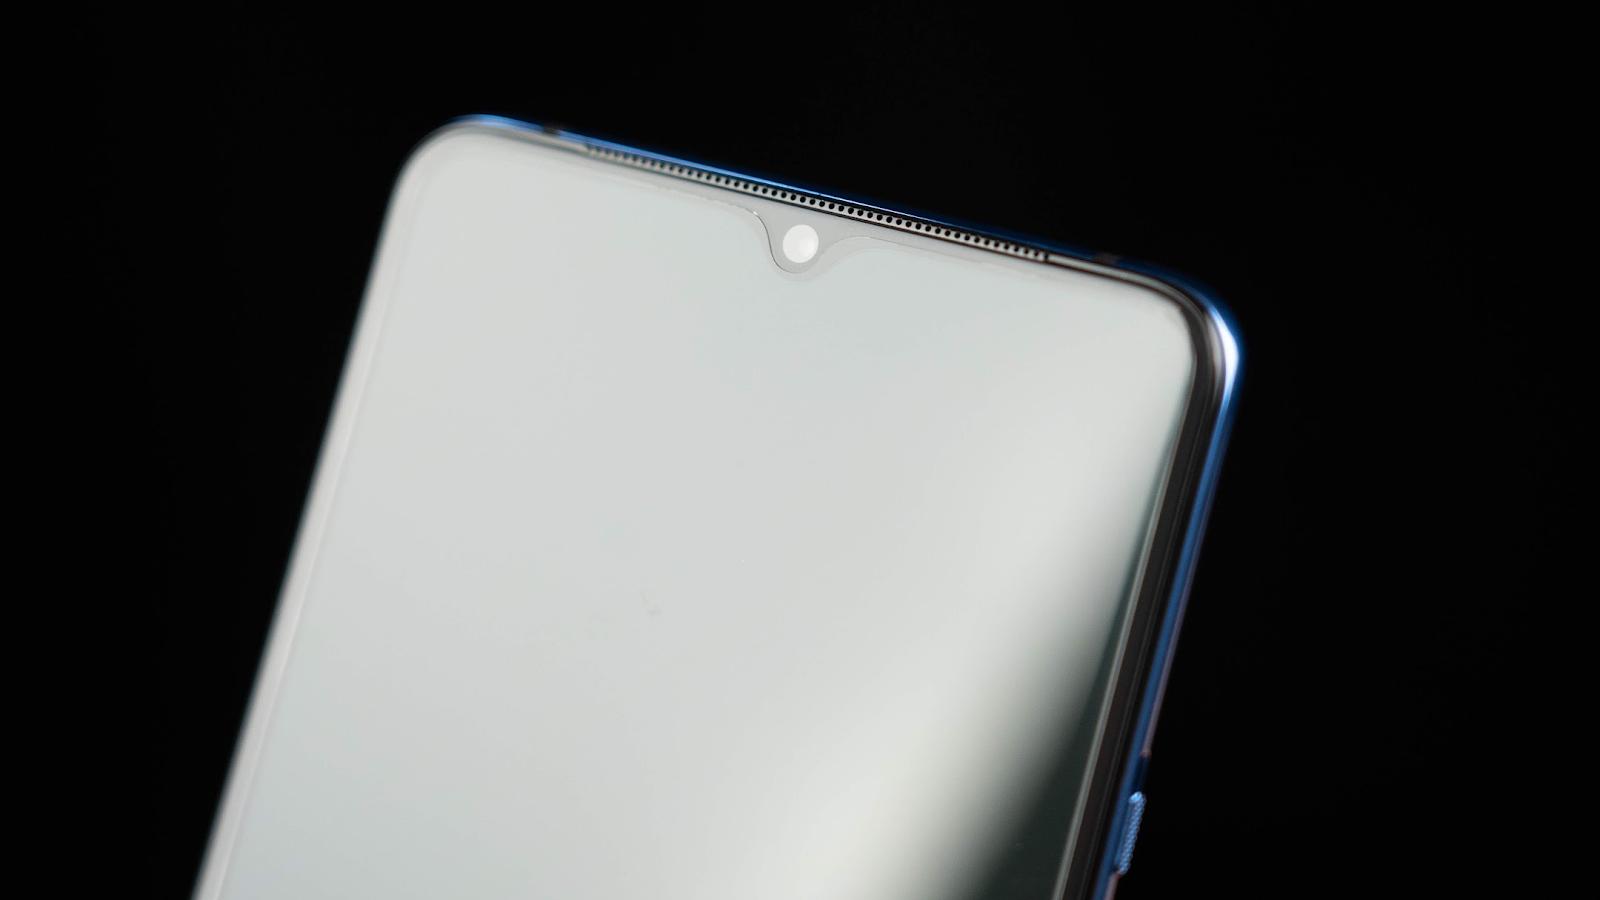 開箱在京東買的一加 OnePlus 7T!該怎麼安裝 Google、刷氧OS? - 7